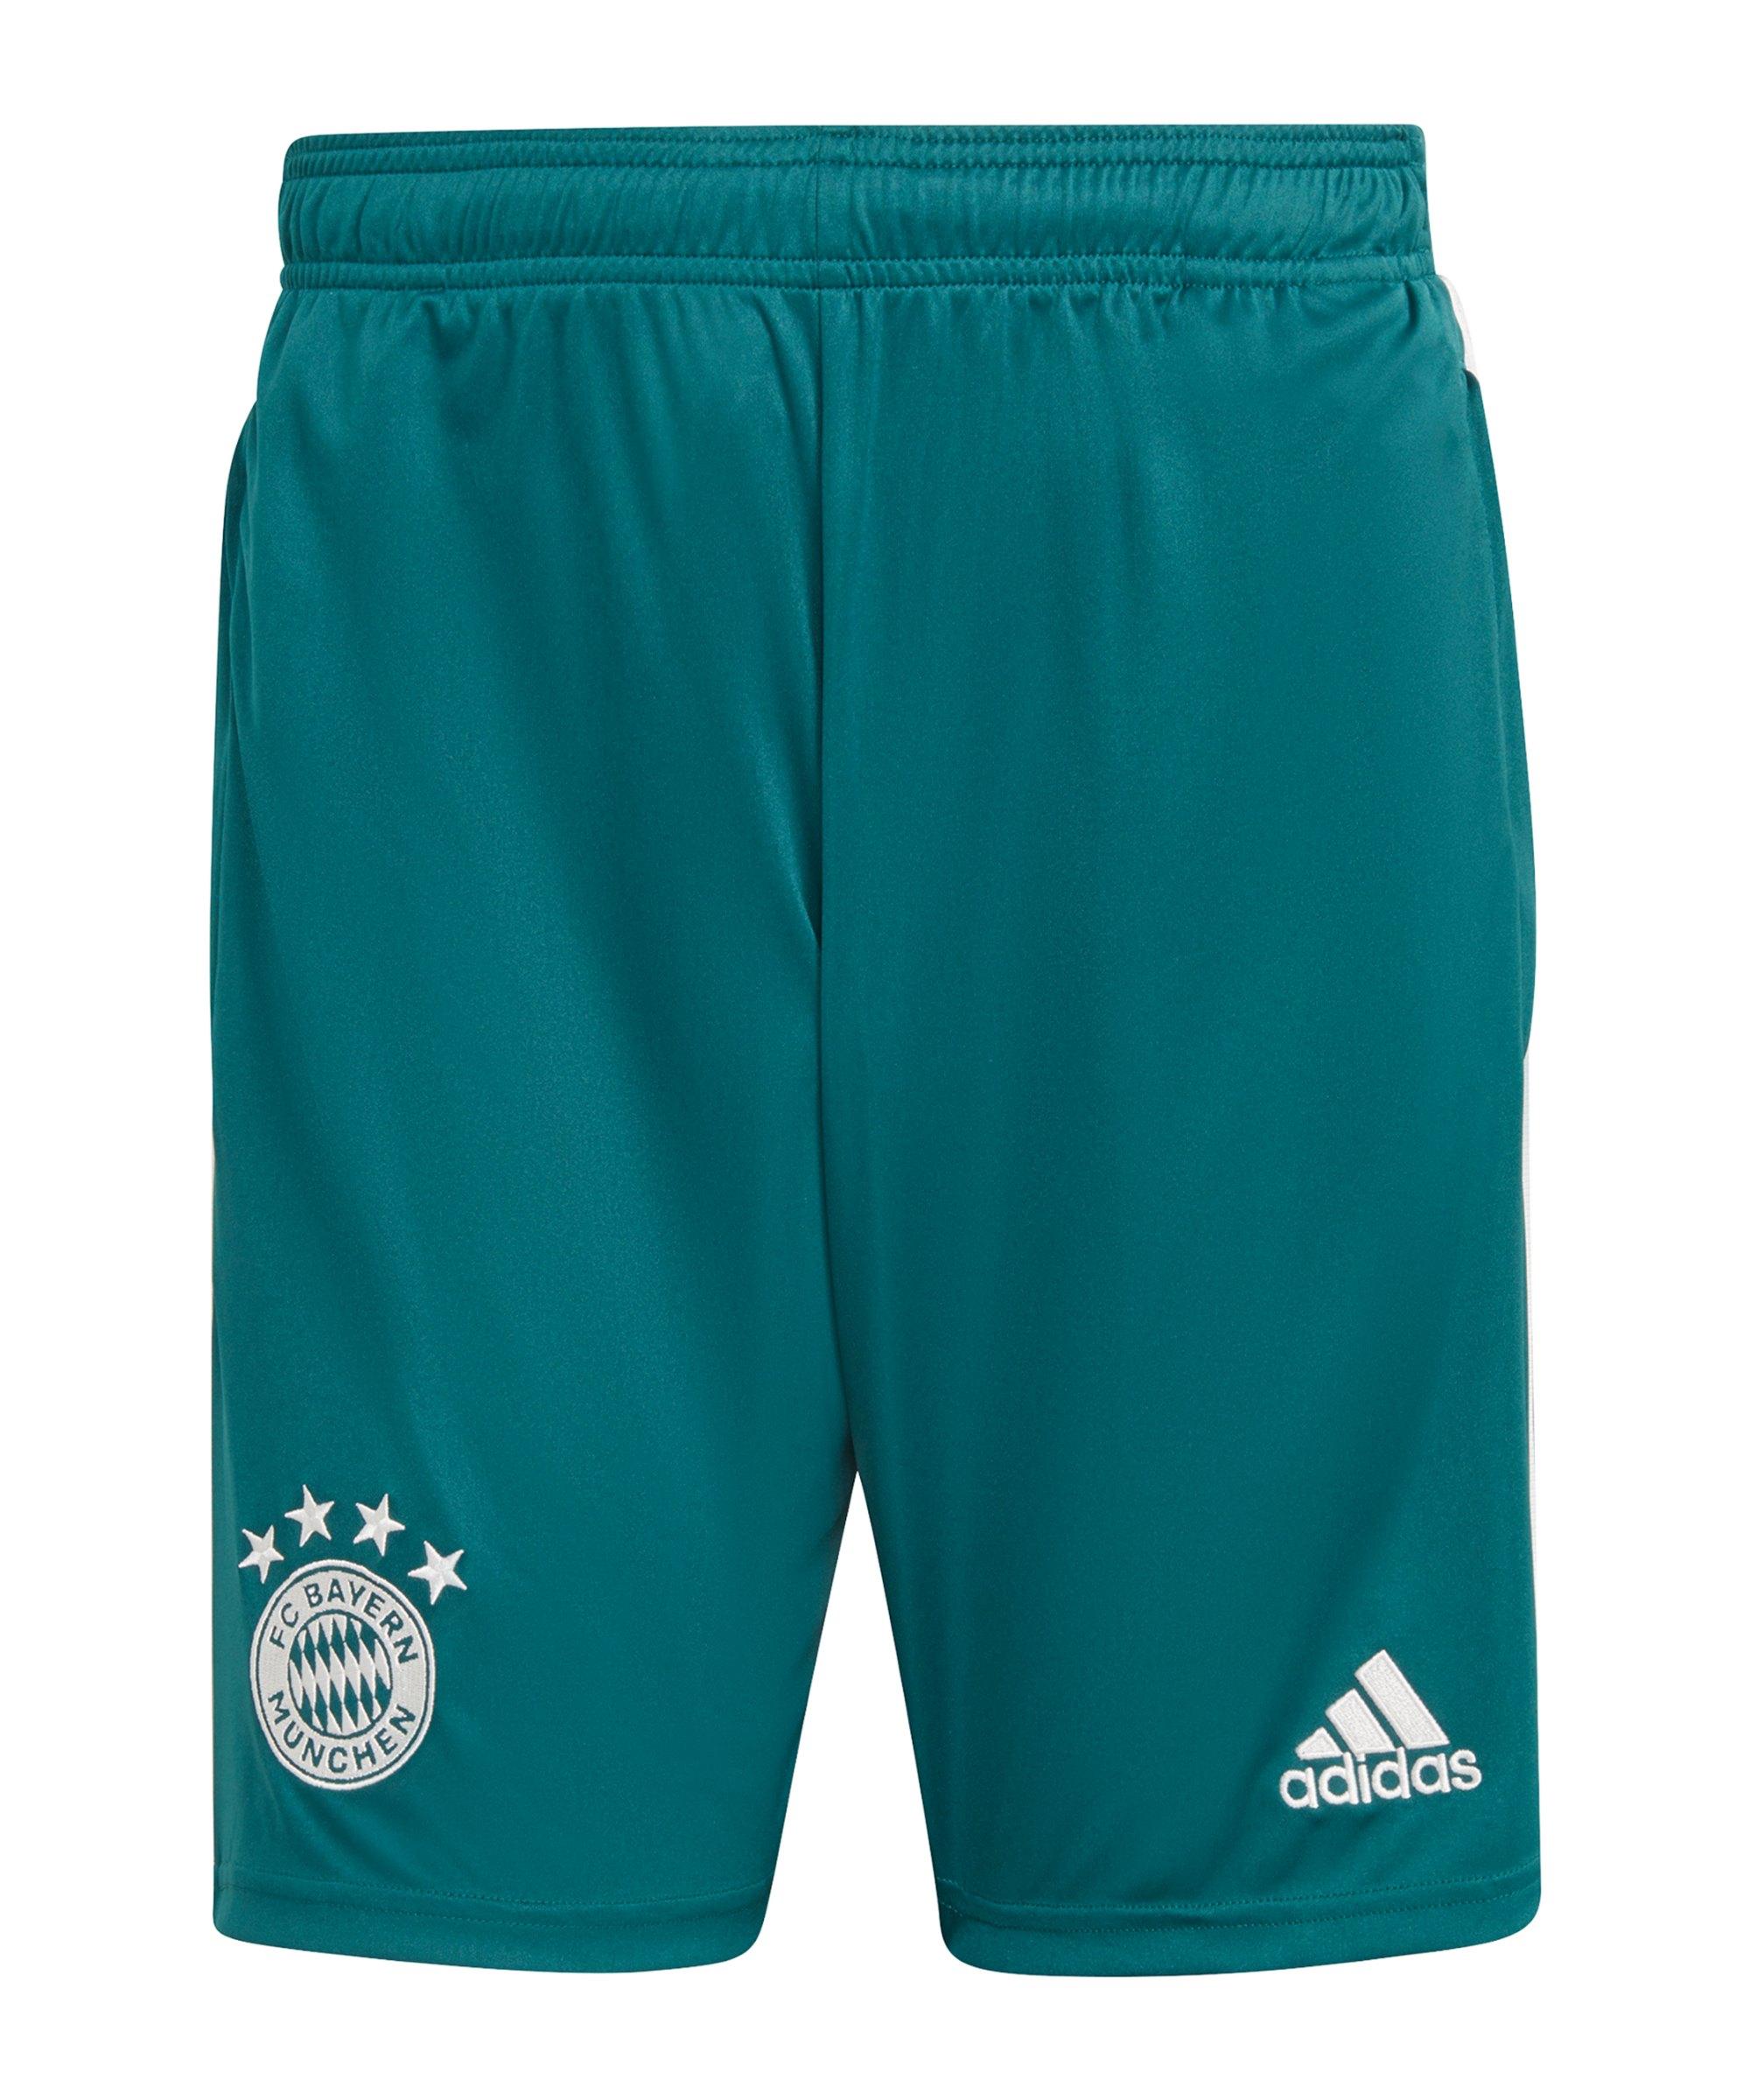 adidas FC Bayern München Short Grün - gruen